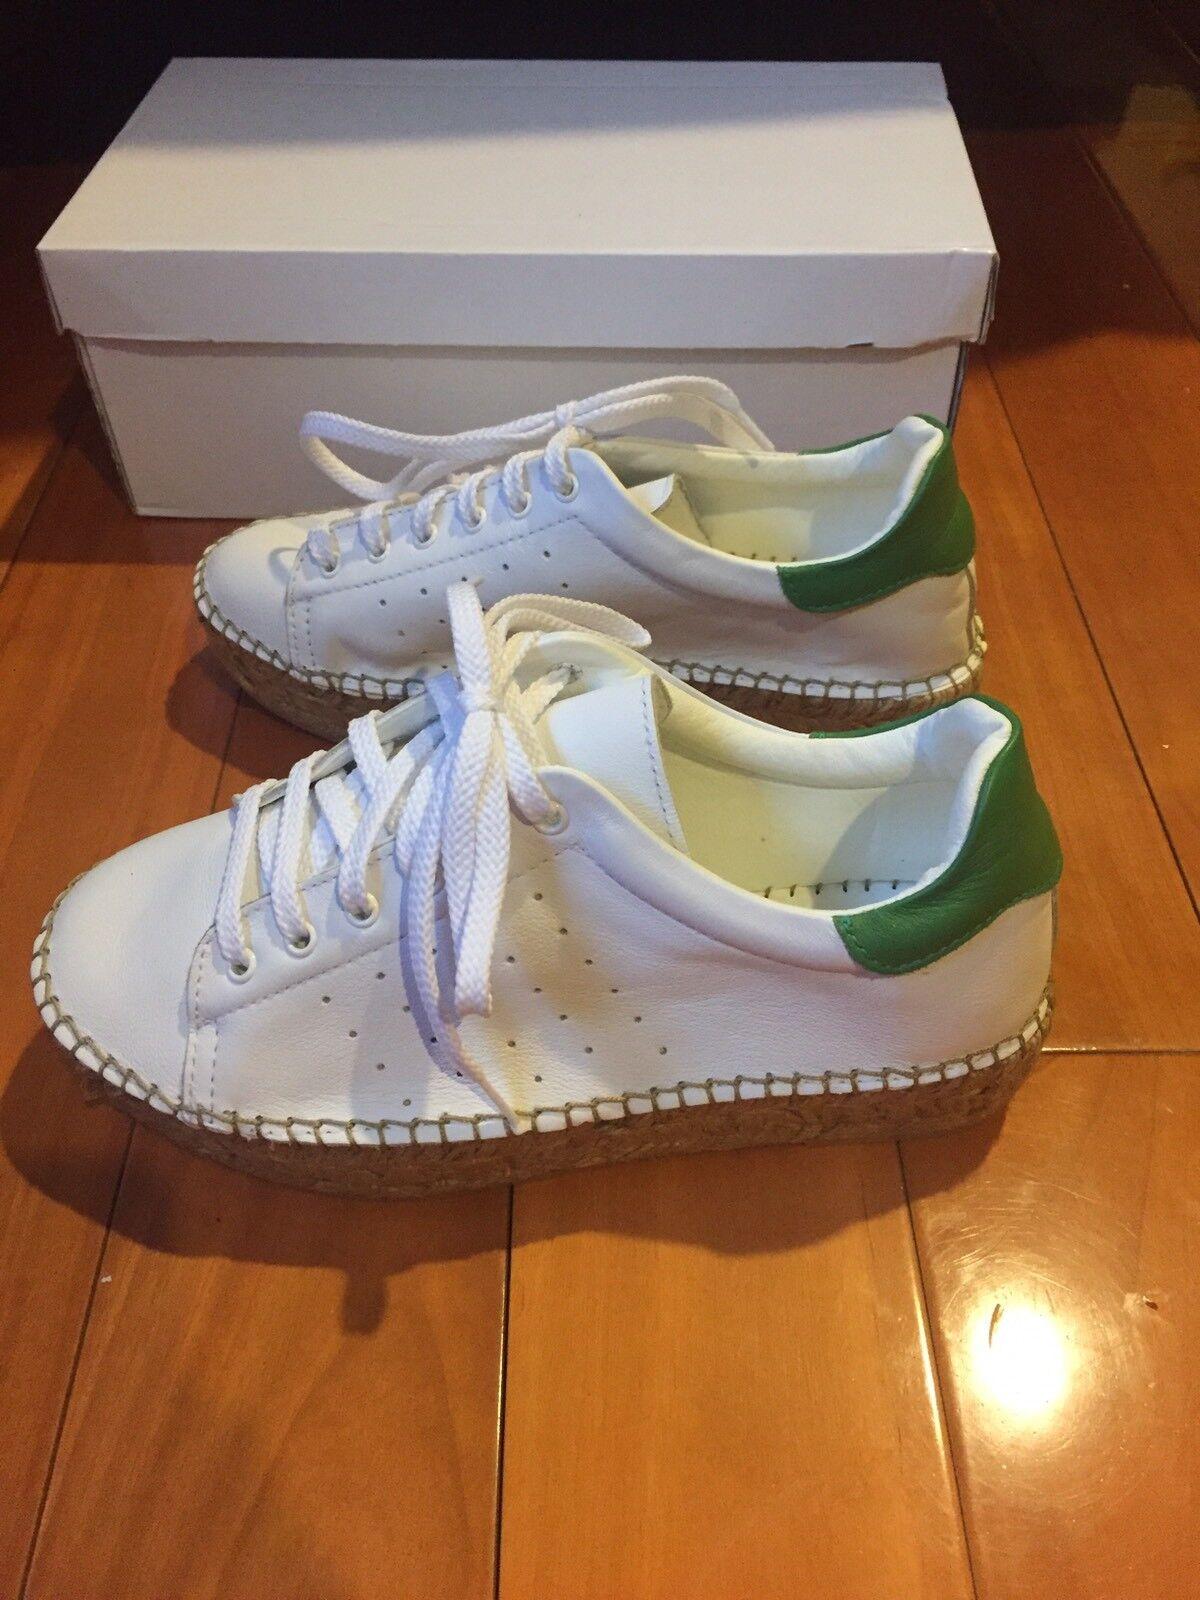 Nuevo Nuevo Nuevo en caja La caja de zapatos tenis Alpargata blancoo  alta calidad